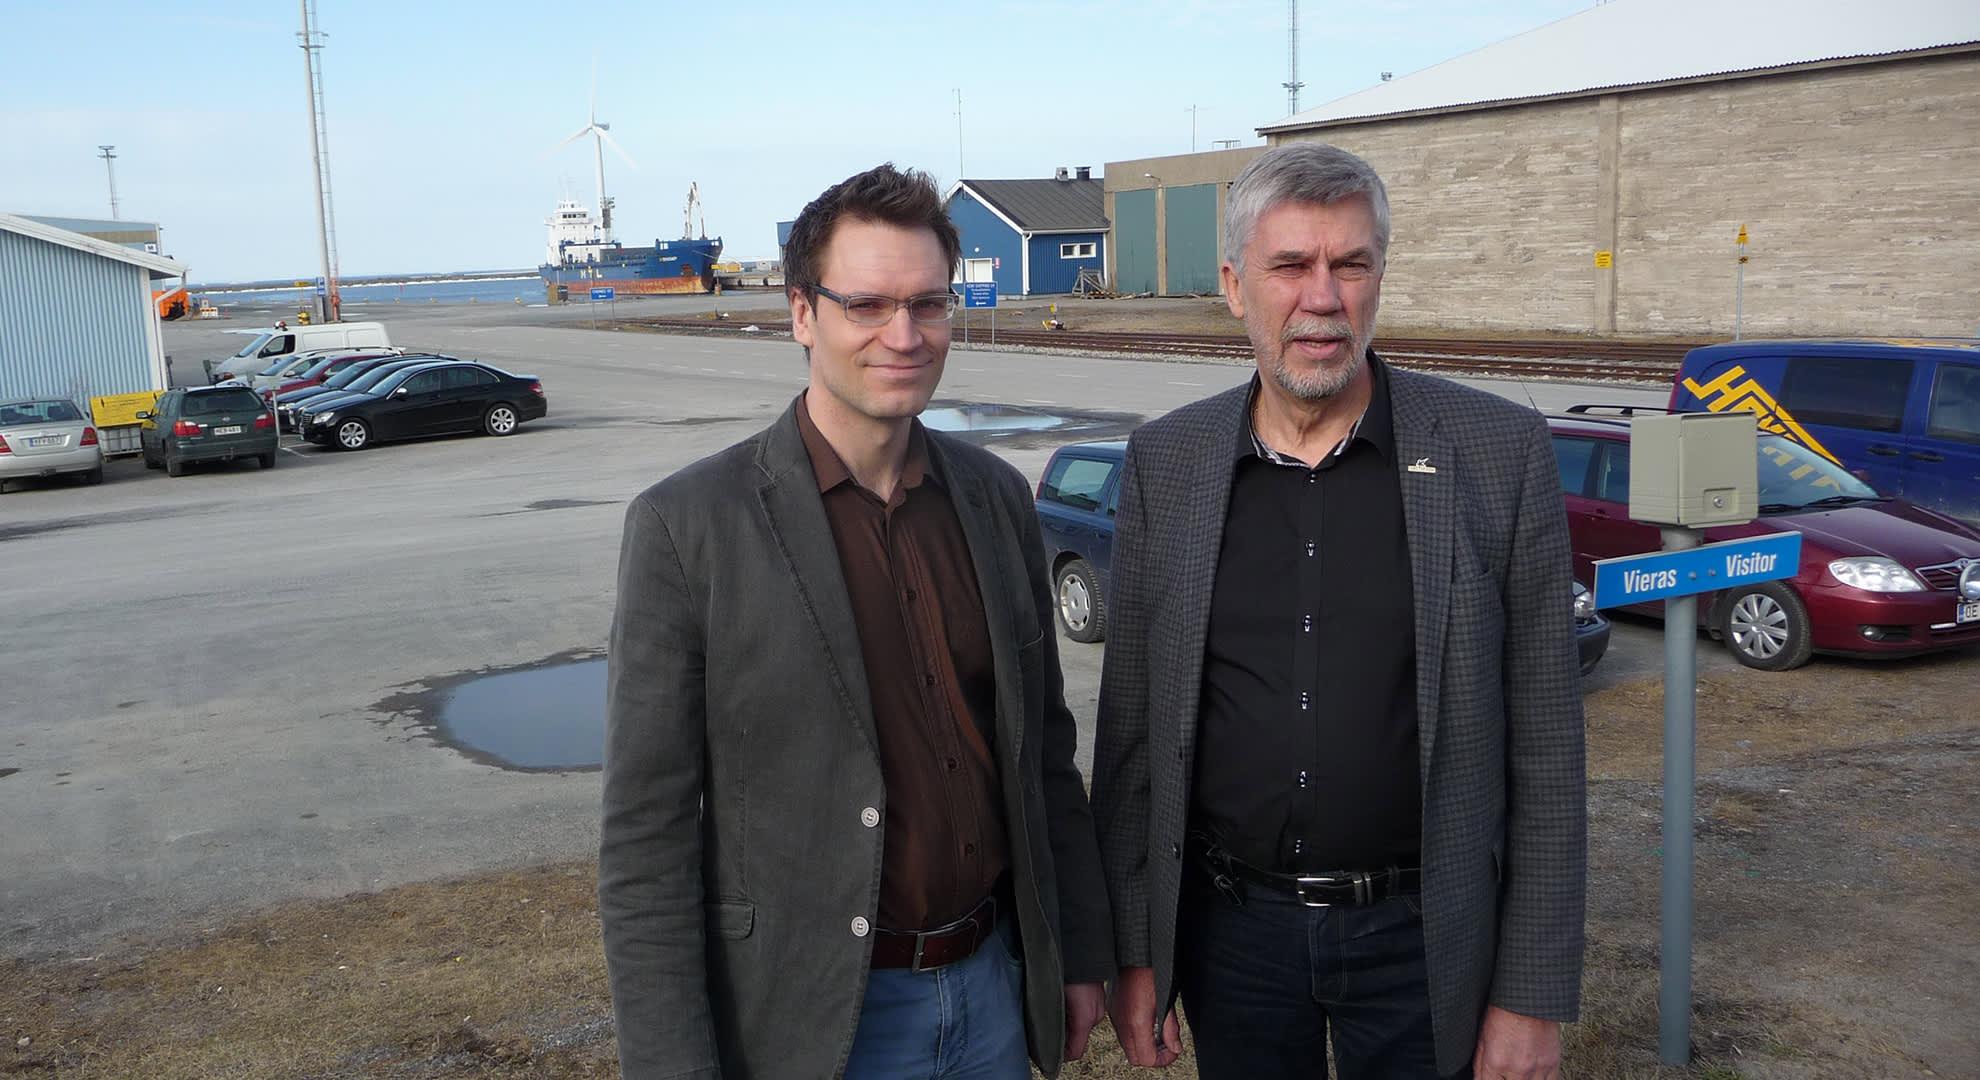 Kemin sataman toimitusjohtaja Jarkko Rantsi ja eläkkeelle siirtyvä toimitusjohtaja Reijo Viitala, kuvassa oikealla.